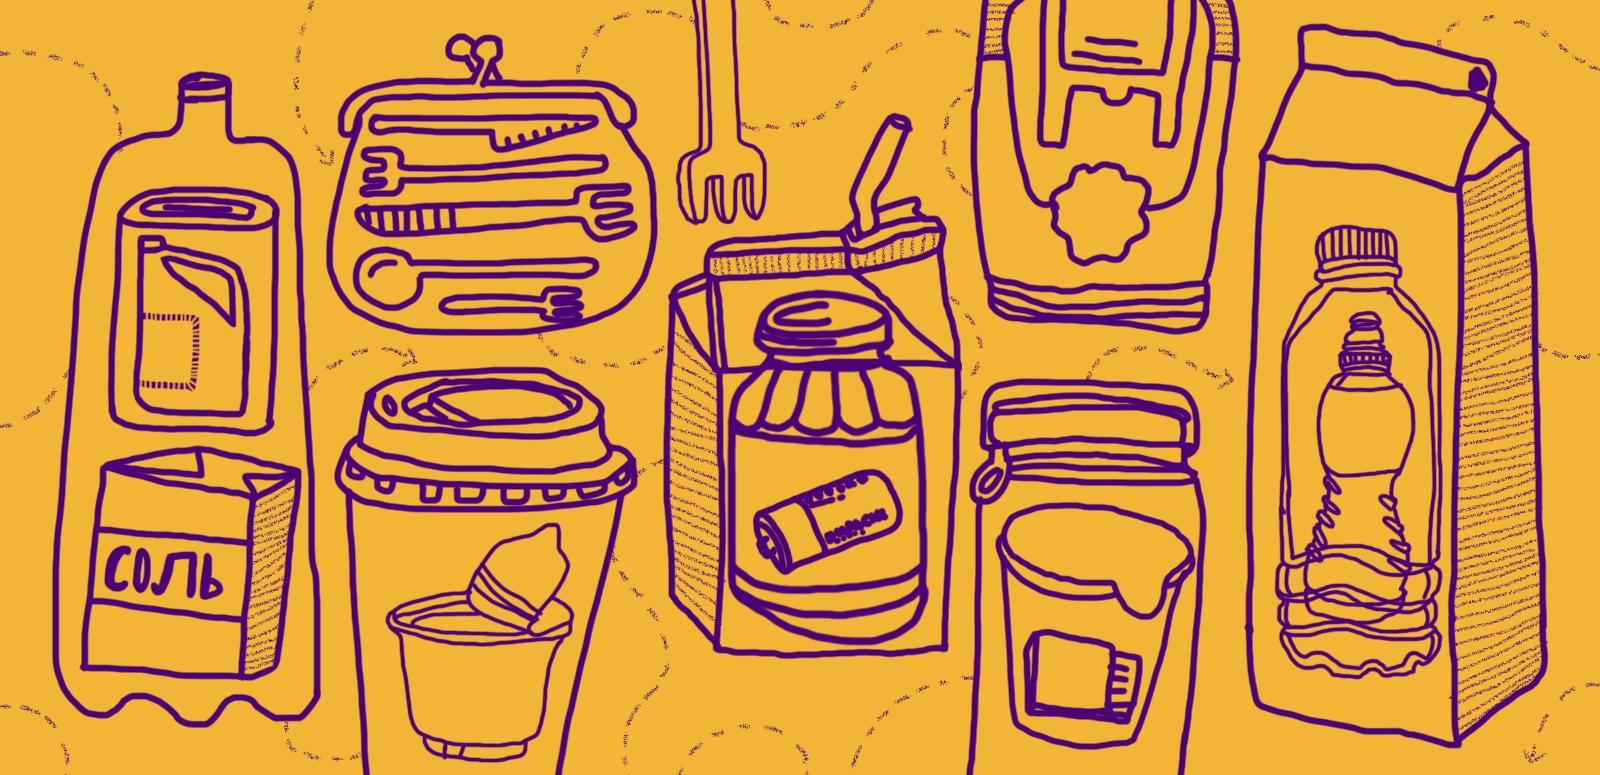 Как сортировать мусор и куда сдавать отходы — инструкция